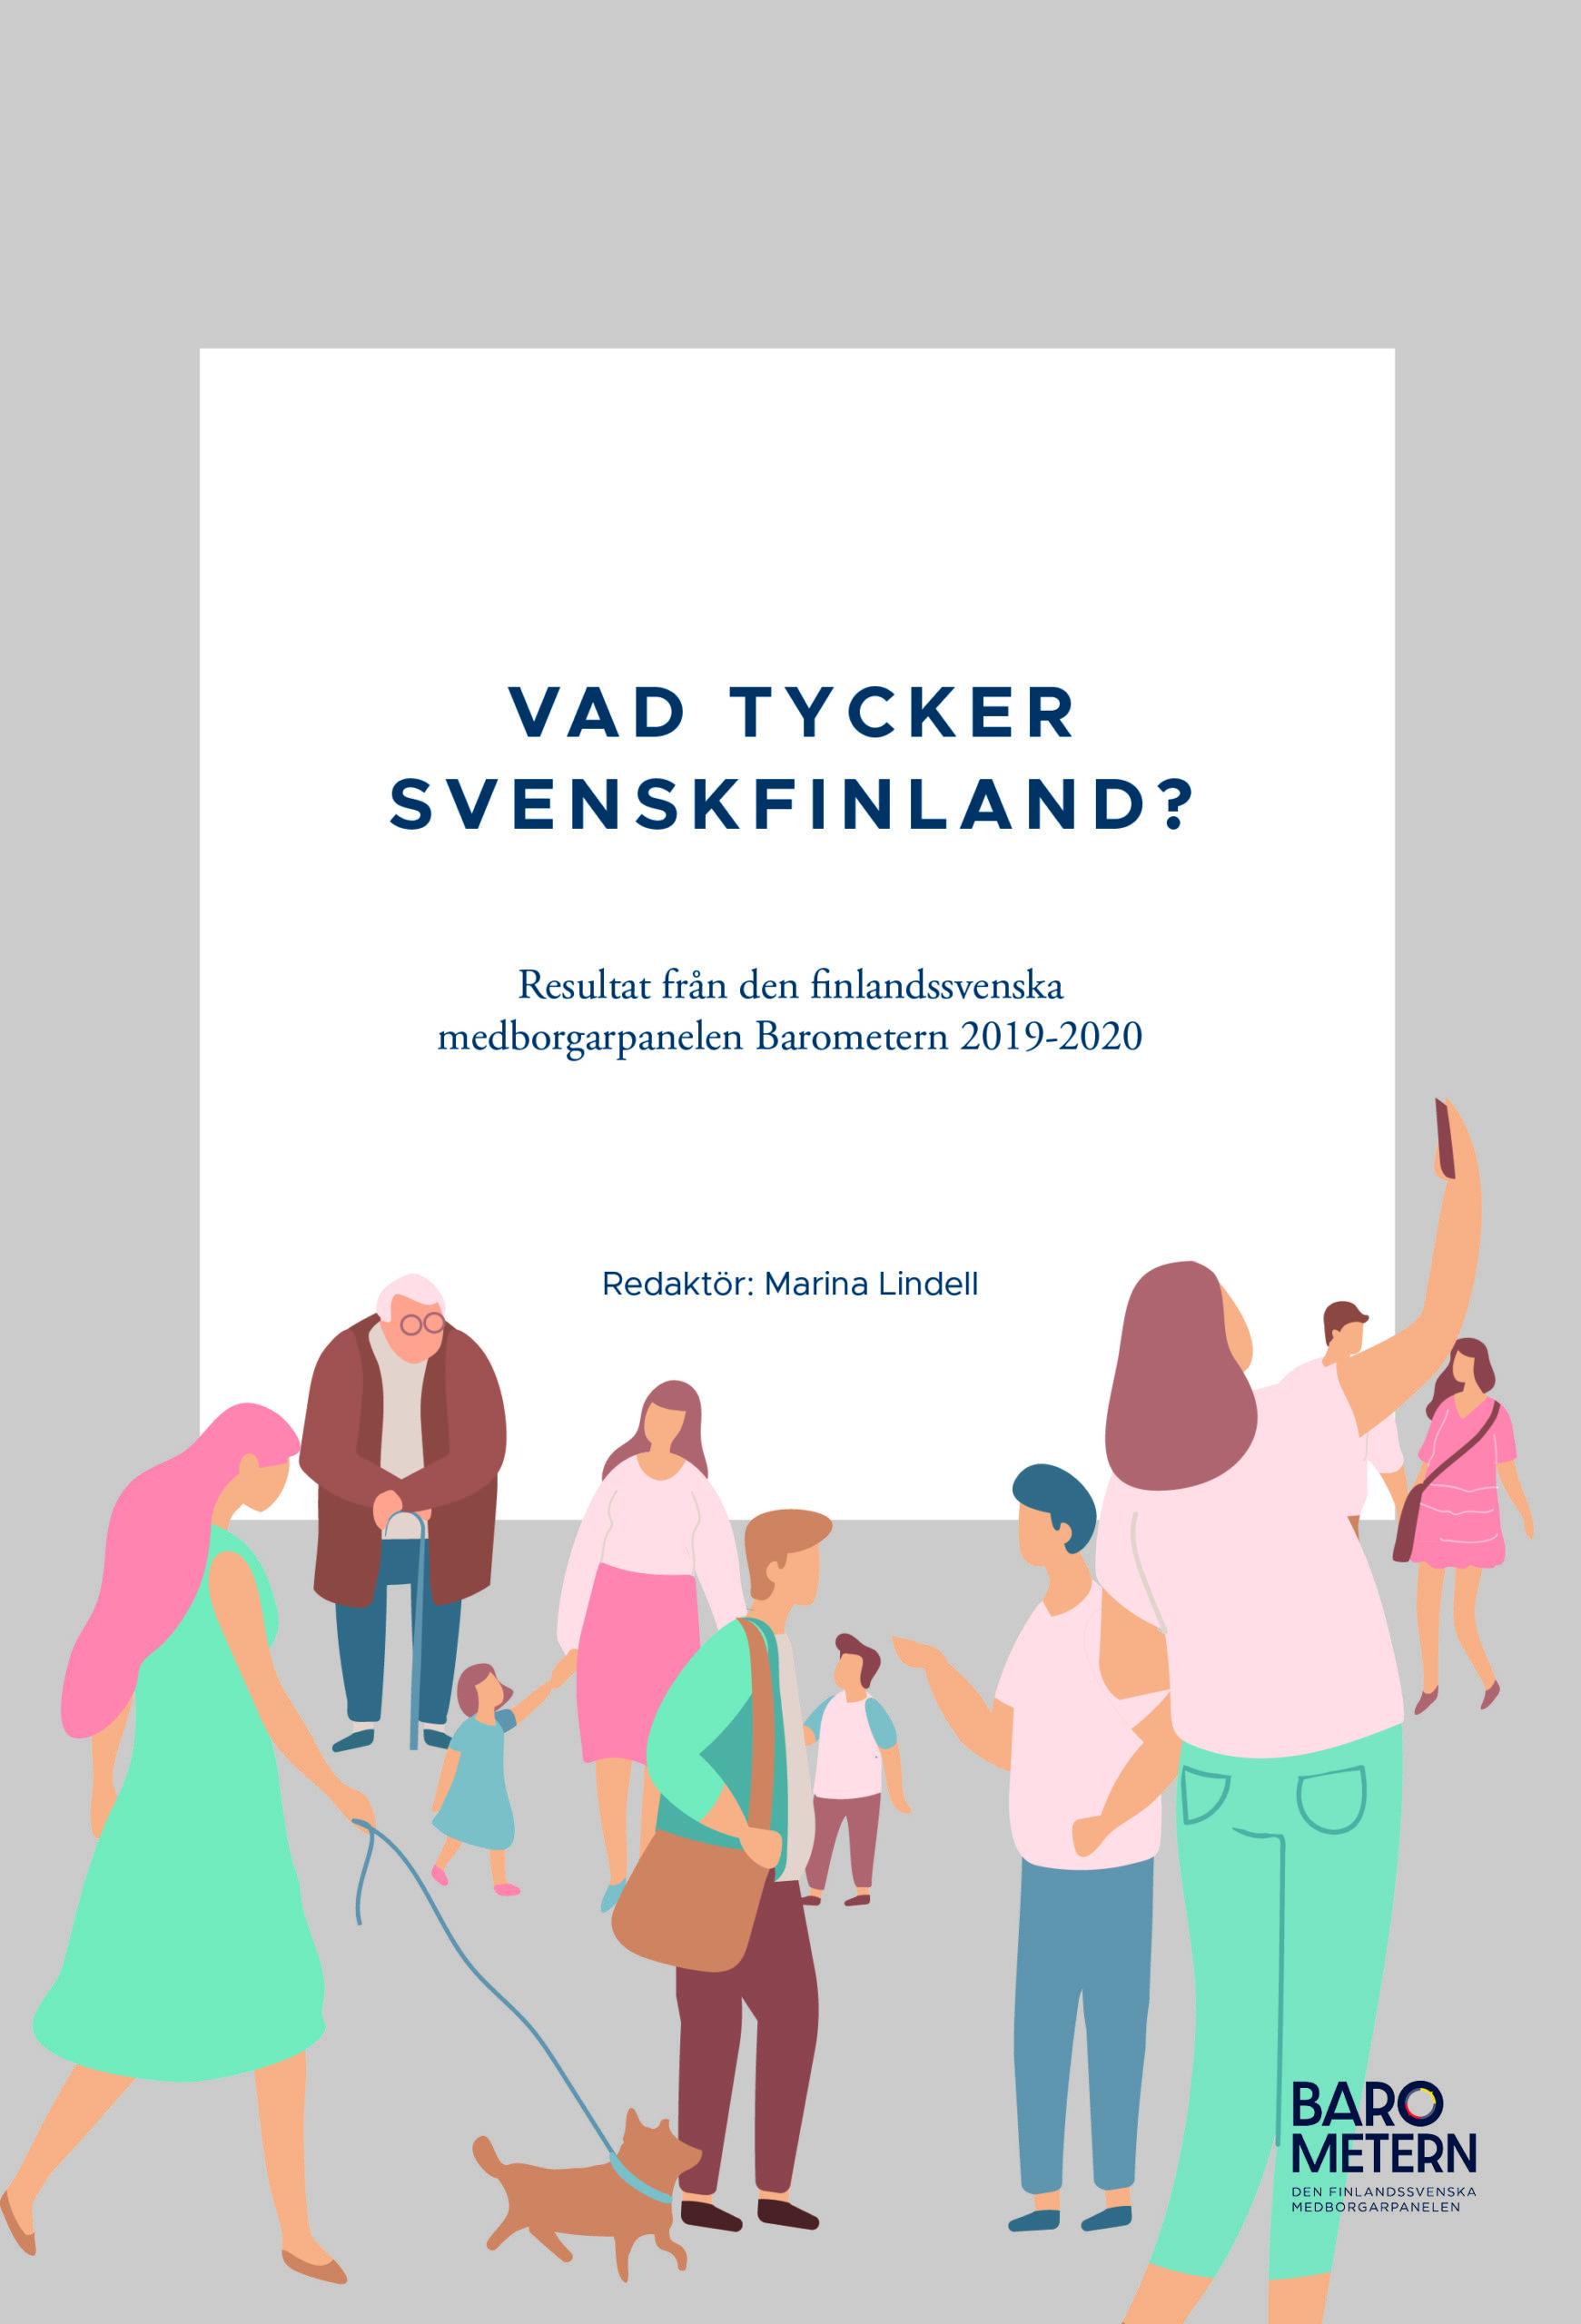 Vad tycker Svenskfinland? Resultat från den finlandssvenska medborgarpanelen Barometern 2019-2020